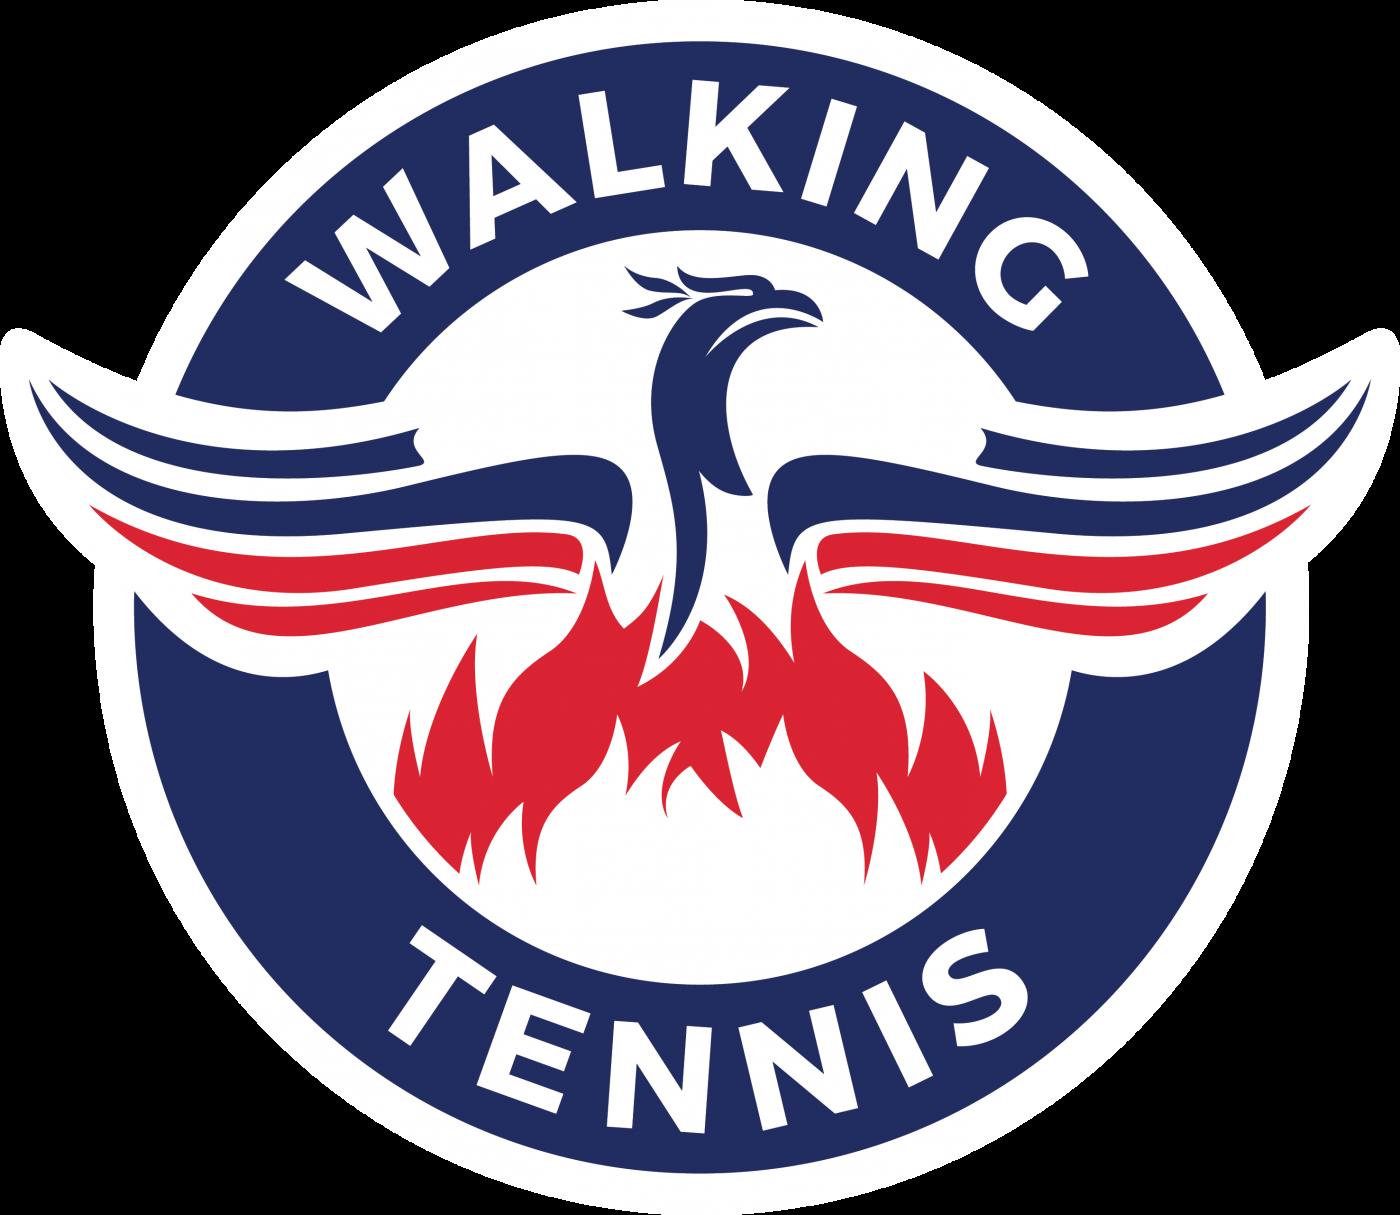 Walking Tennis Rules